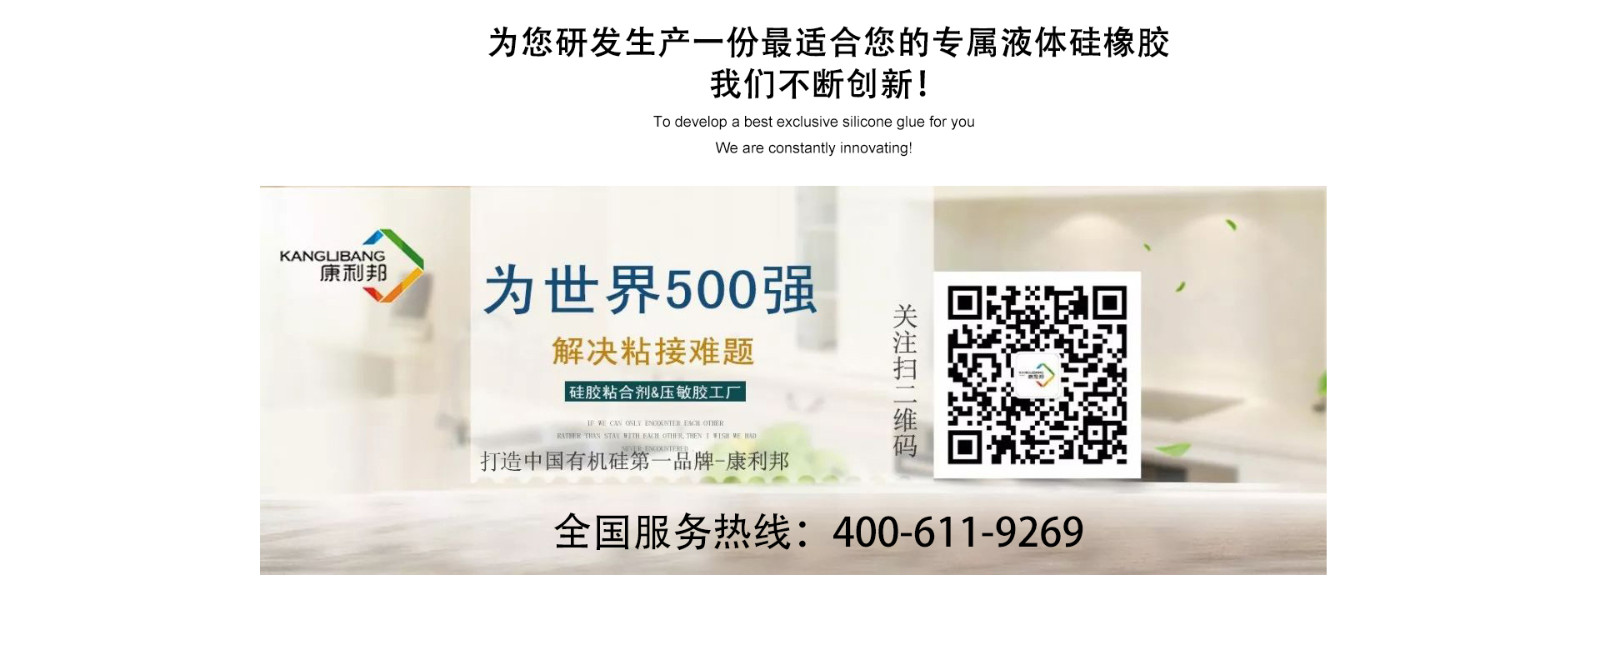 康利邦服务热线 为您研发生产适合您的硅胶胶水